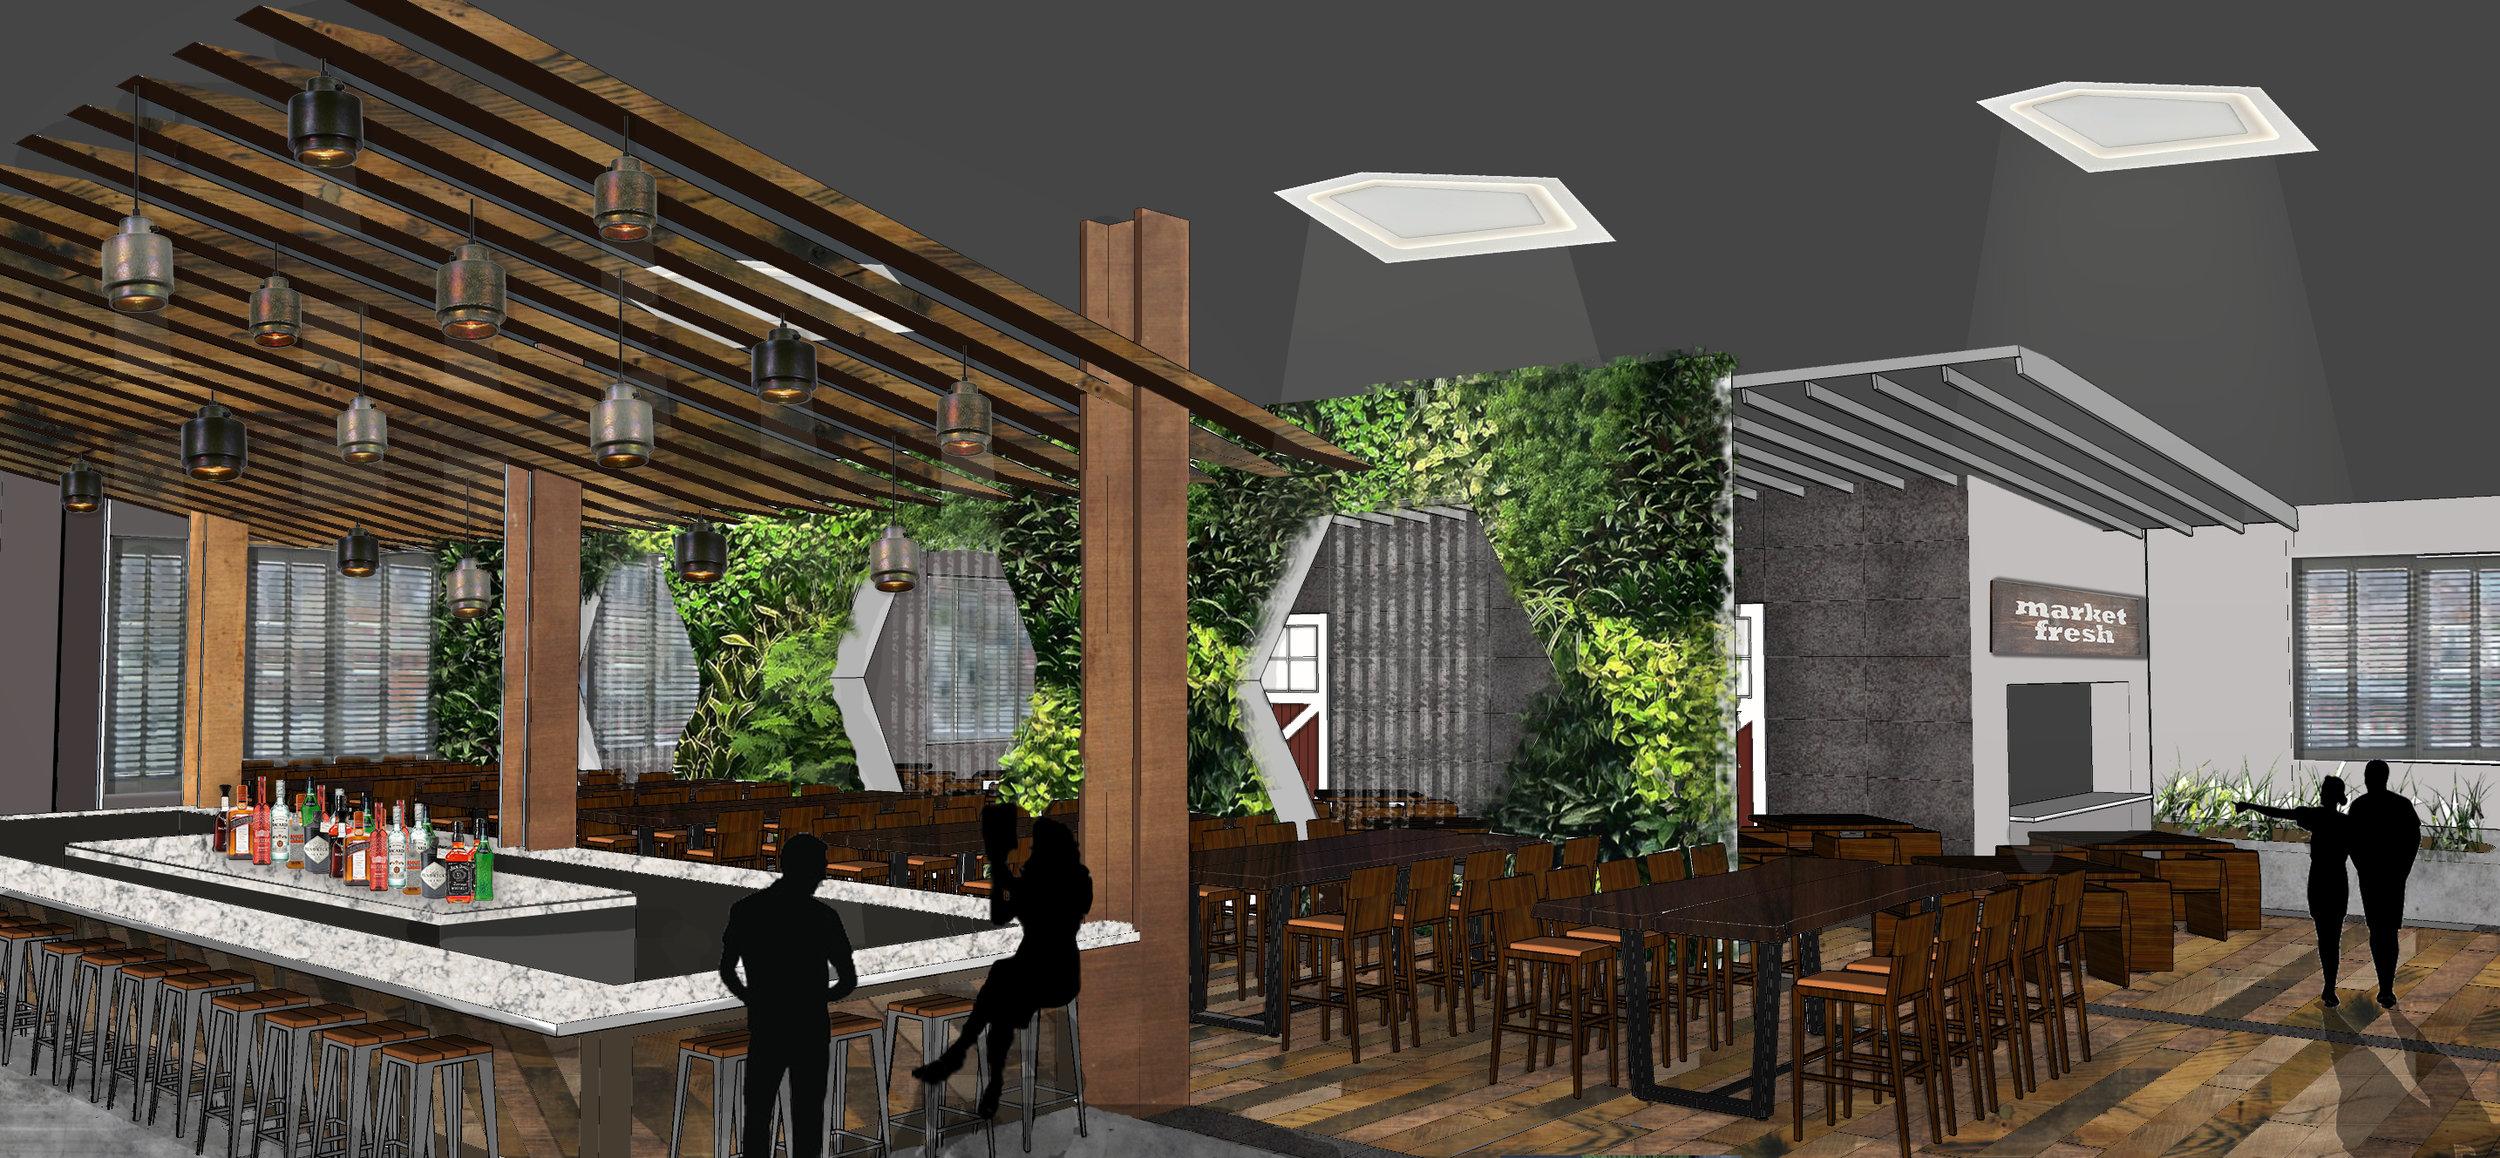 121716--restaurant-render-2_24405293871_o.jpg